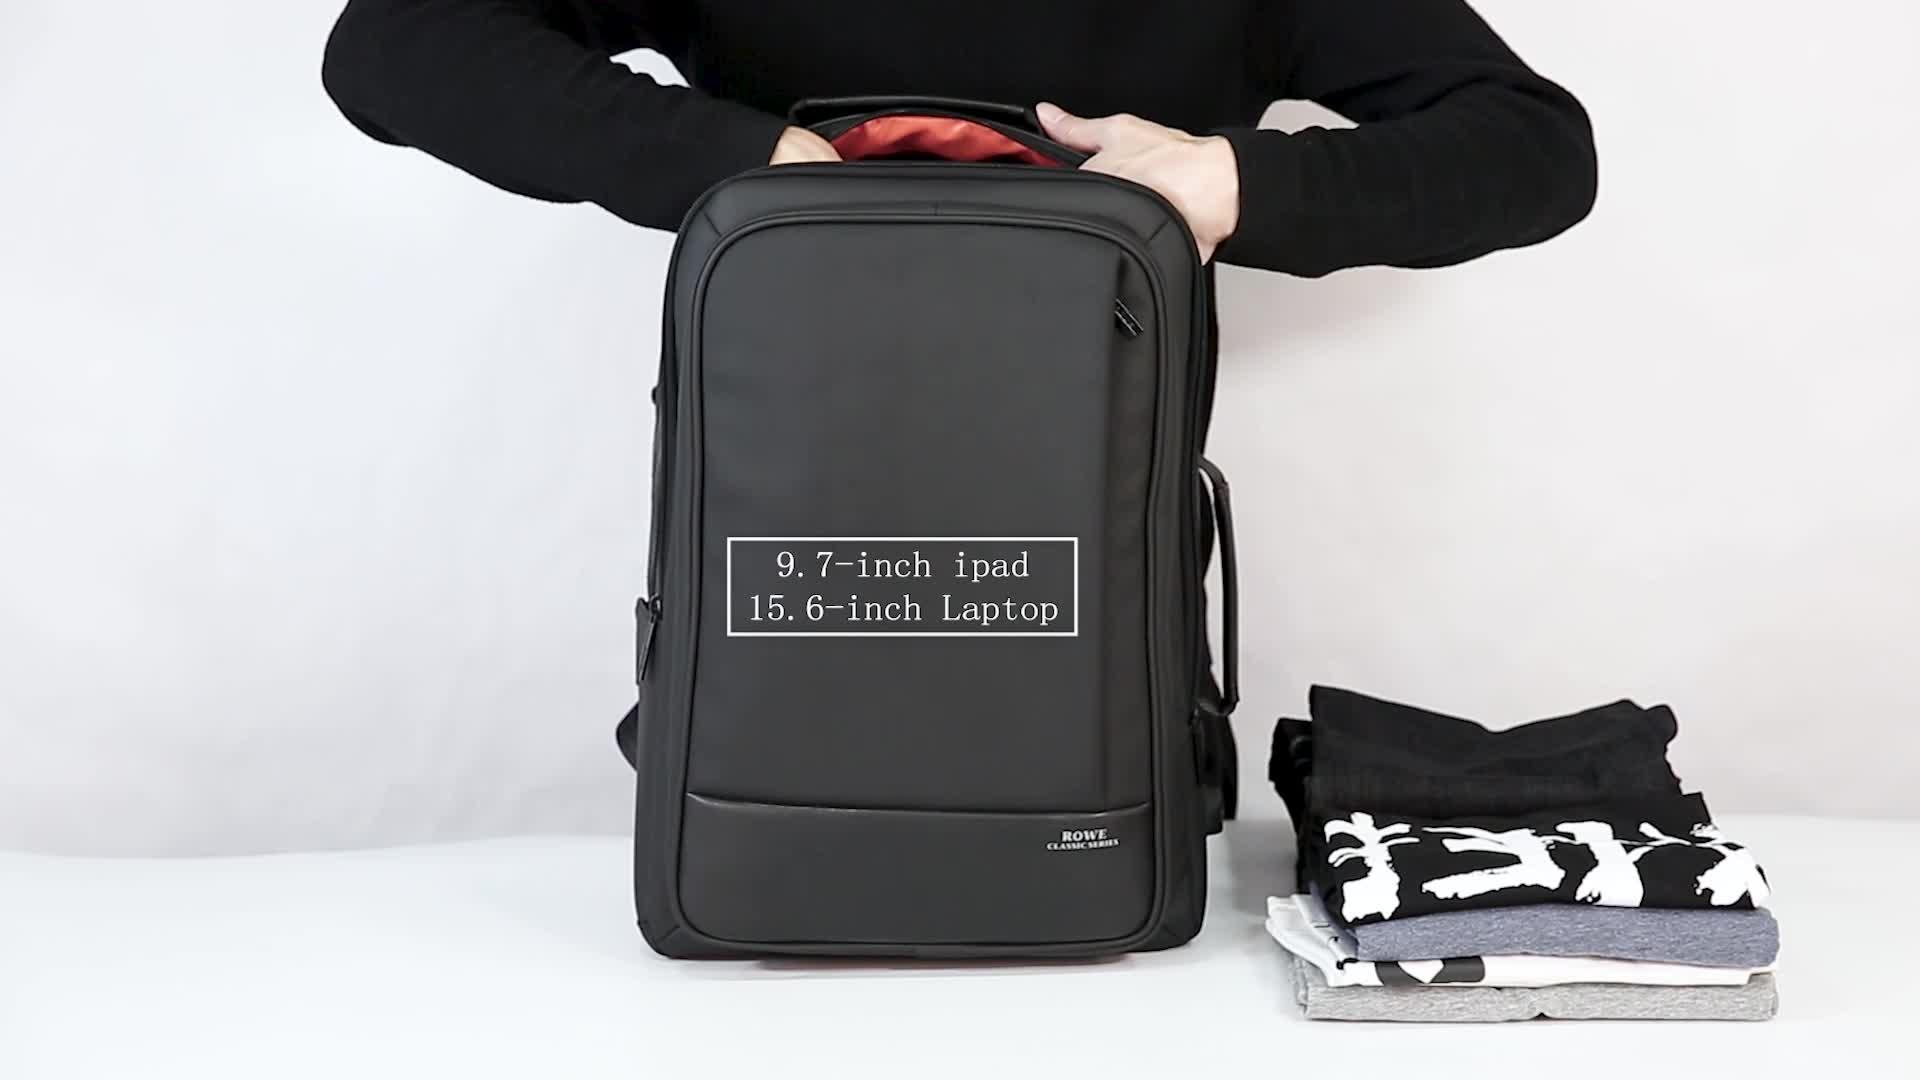 ROWE 15 inch laptop back pack kantoor rugzak beste rugzakken tas voor studenten met laptops